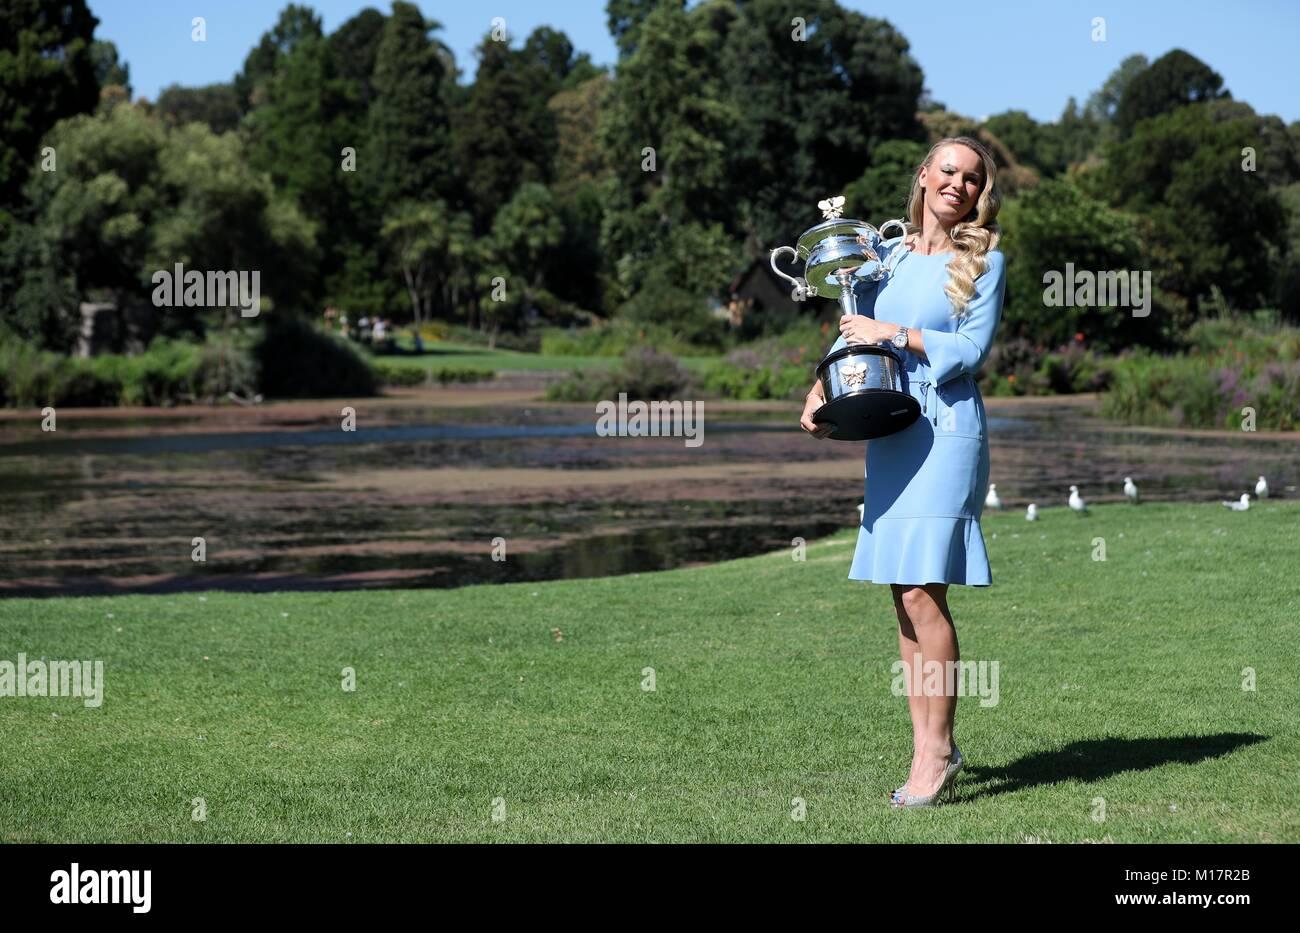 Melbourne, Australien. 28 Jan, 2018. Caroline Wozniacki aus Dänemark stellt mit ihrem Australian Open Trophy, der Stockfoto